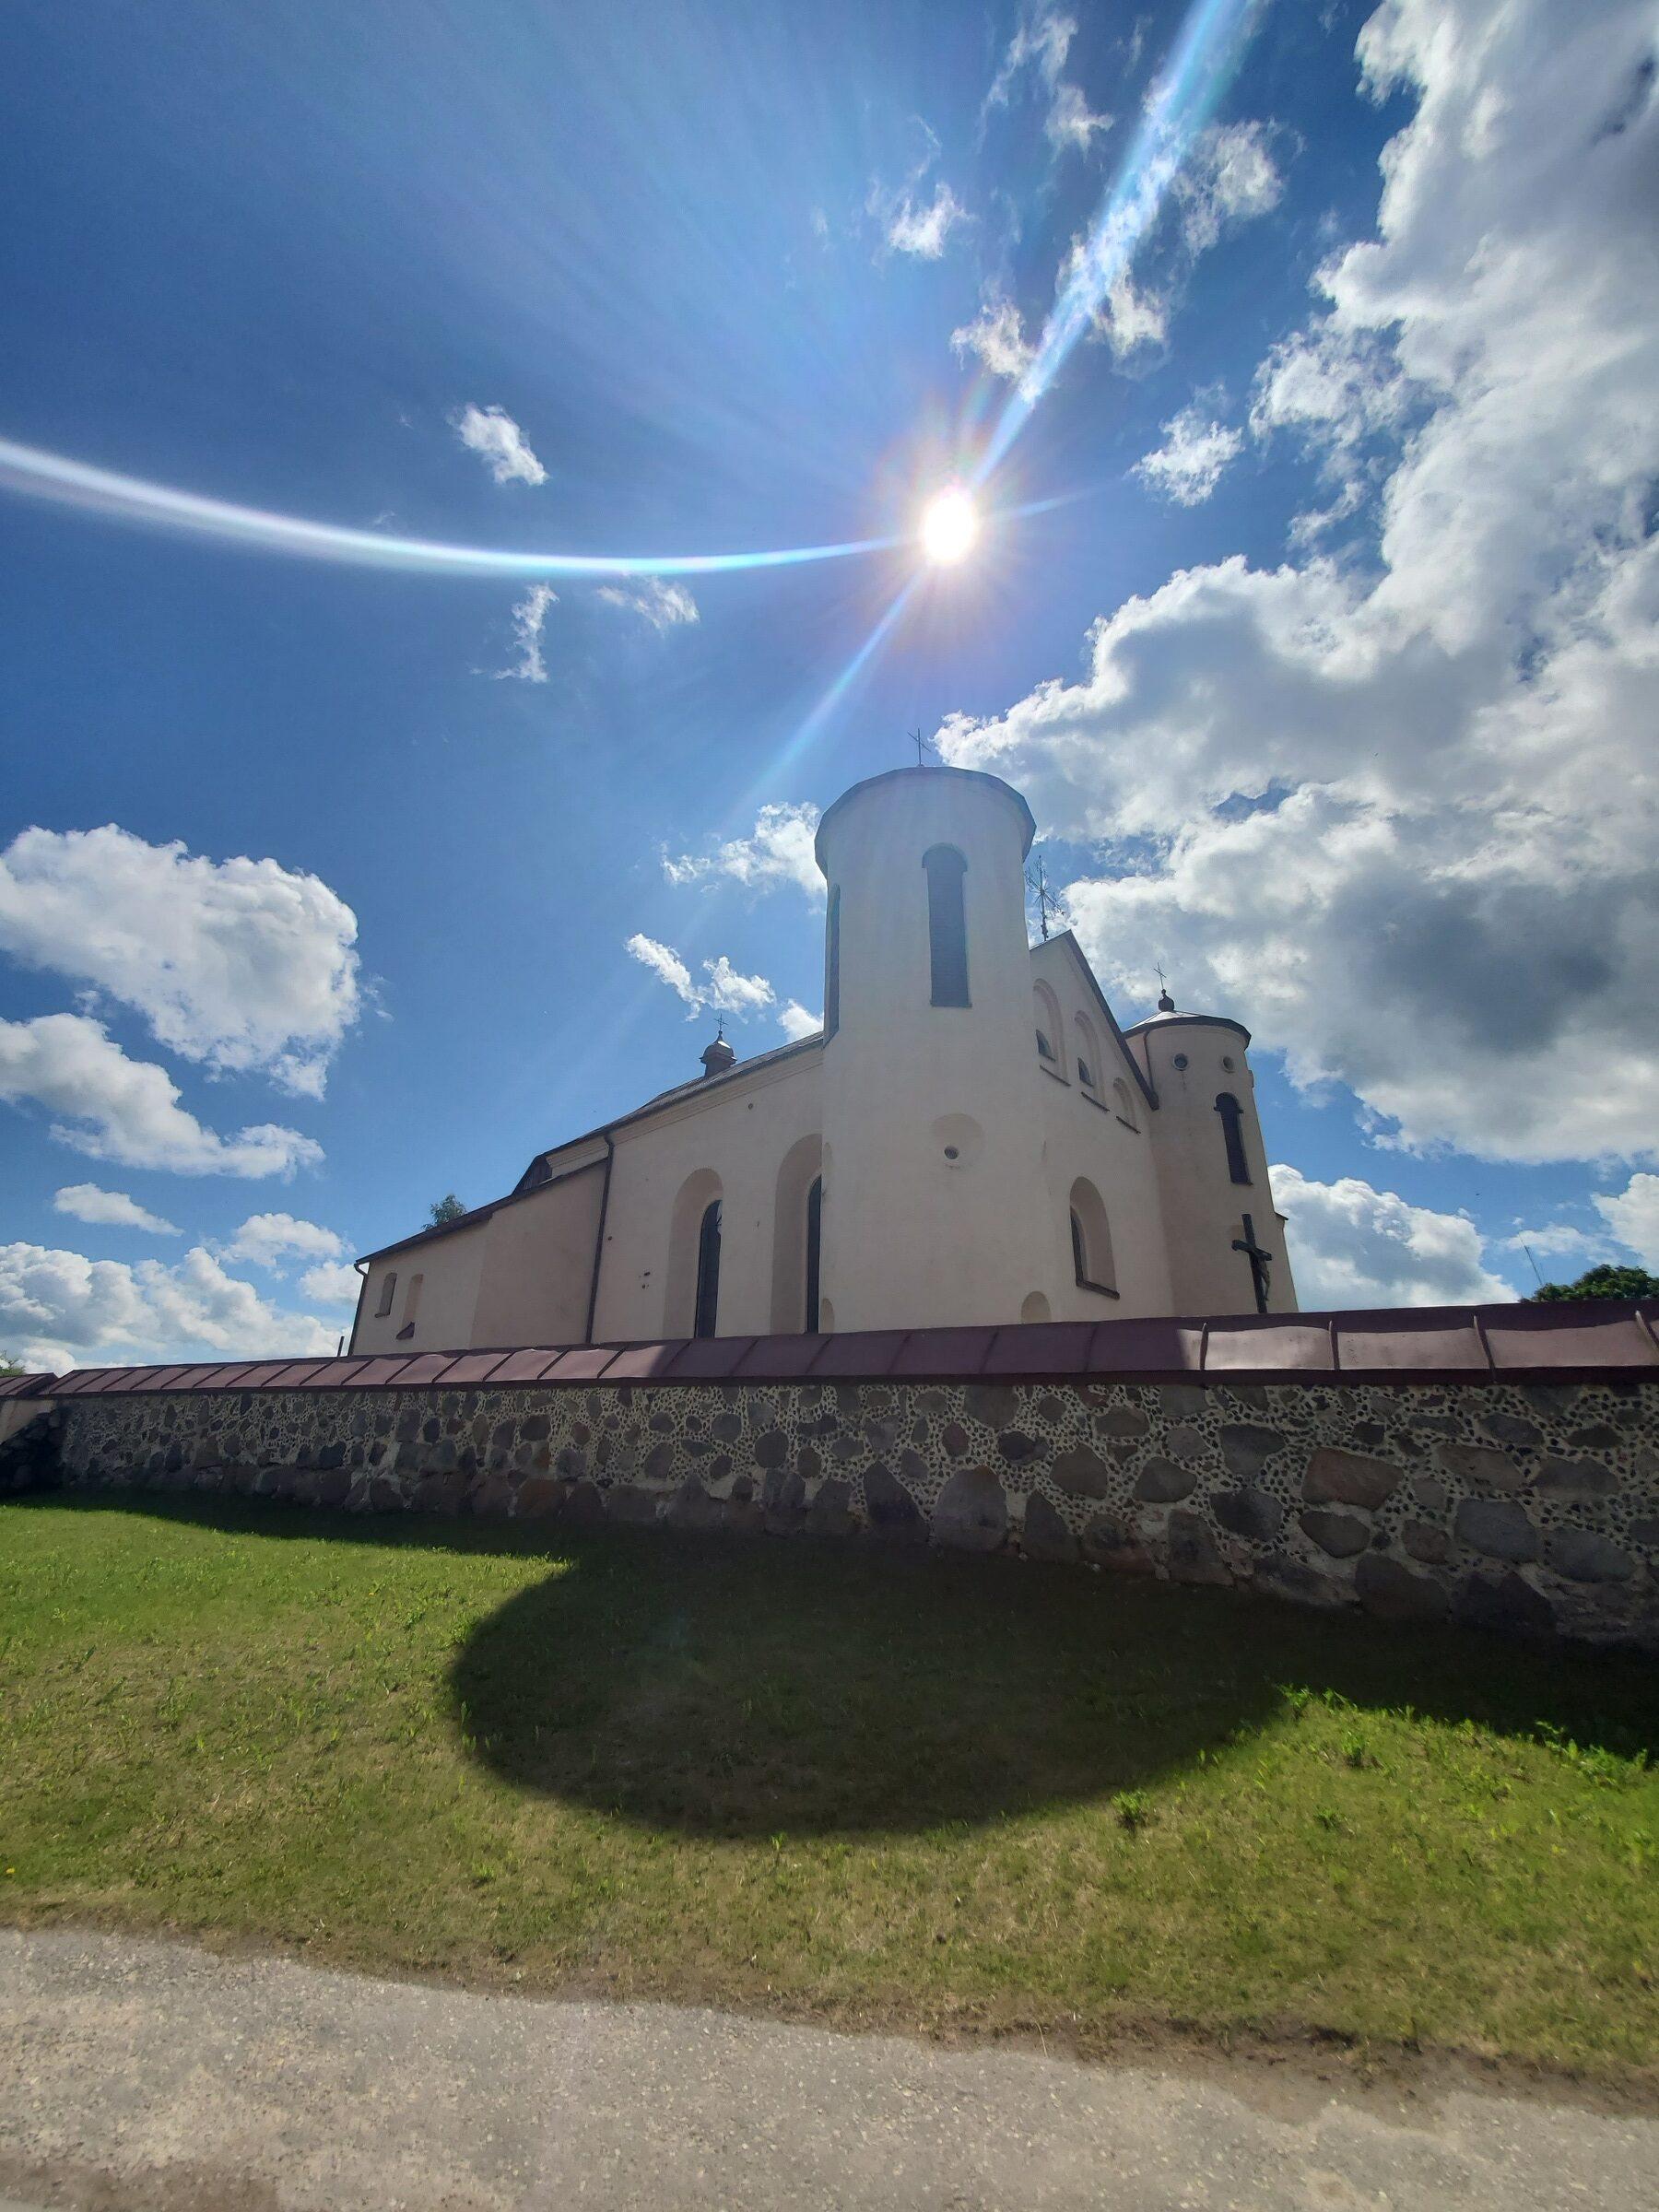 20200606 115644 rotated - Костел Св. Иоанна Крестителя в агрогородке Камаи